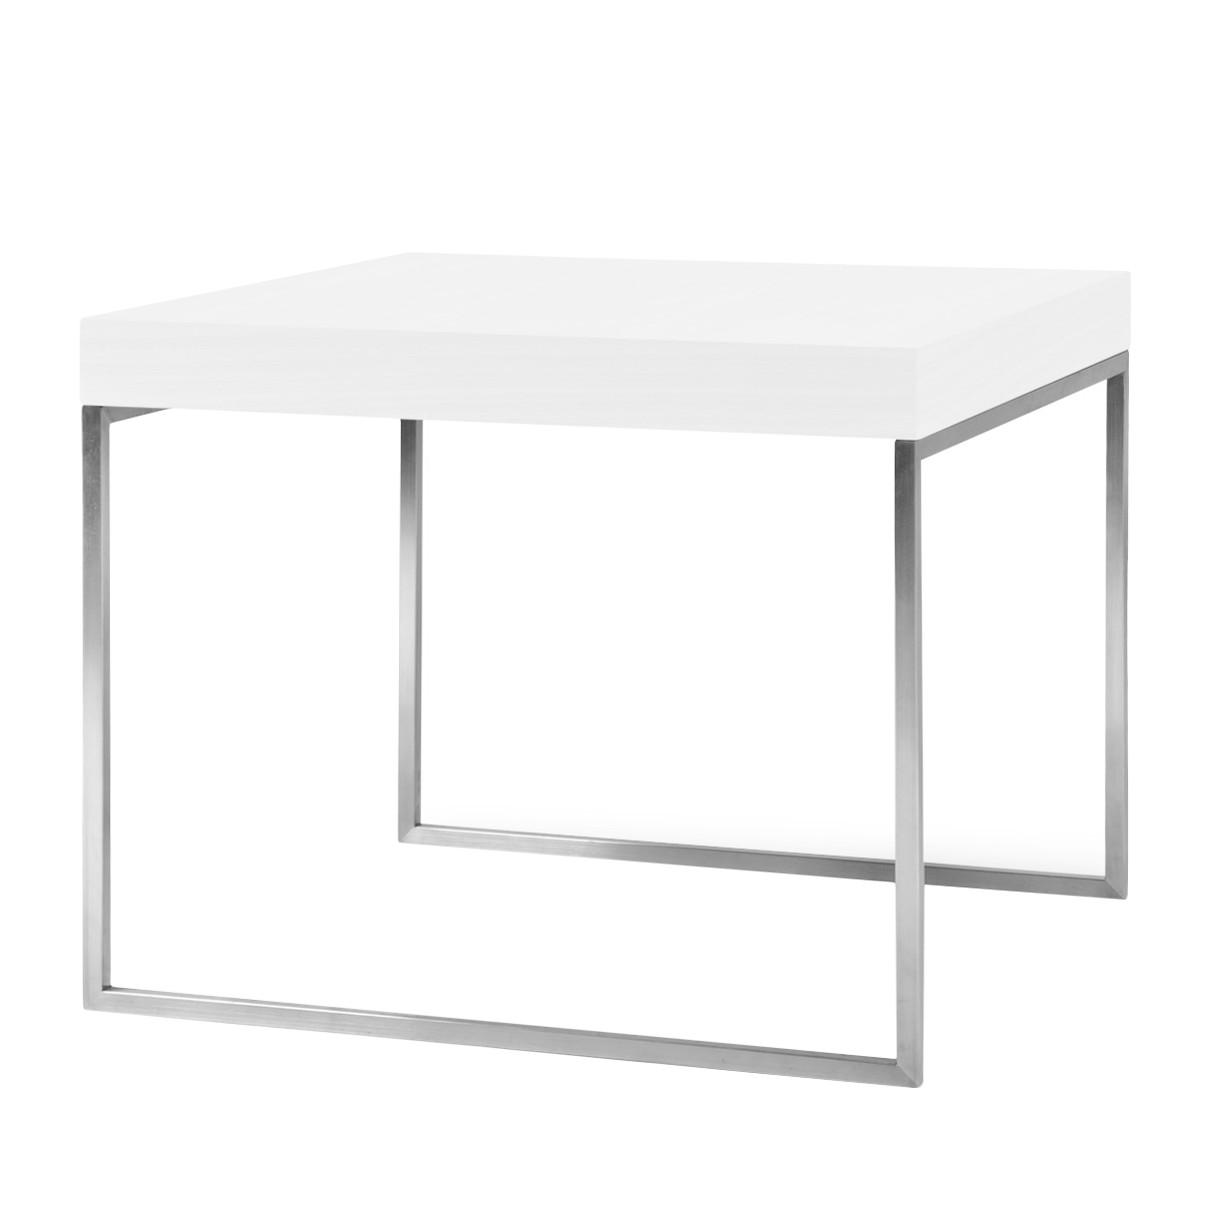 beistelltisch hochglanz wei preis vergleich 2016. Black Bedroom Furniture Sets. Home Design Ideas